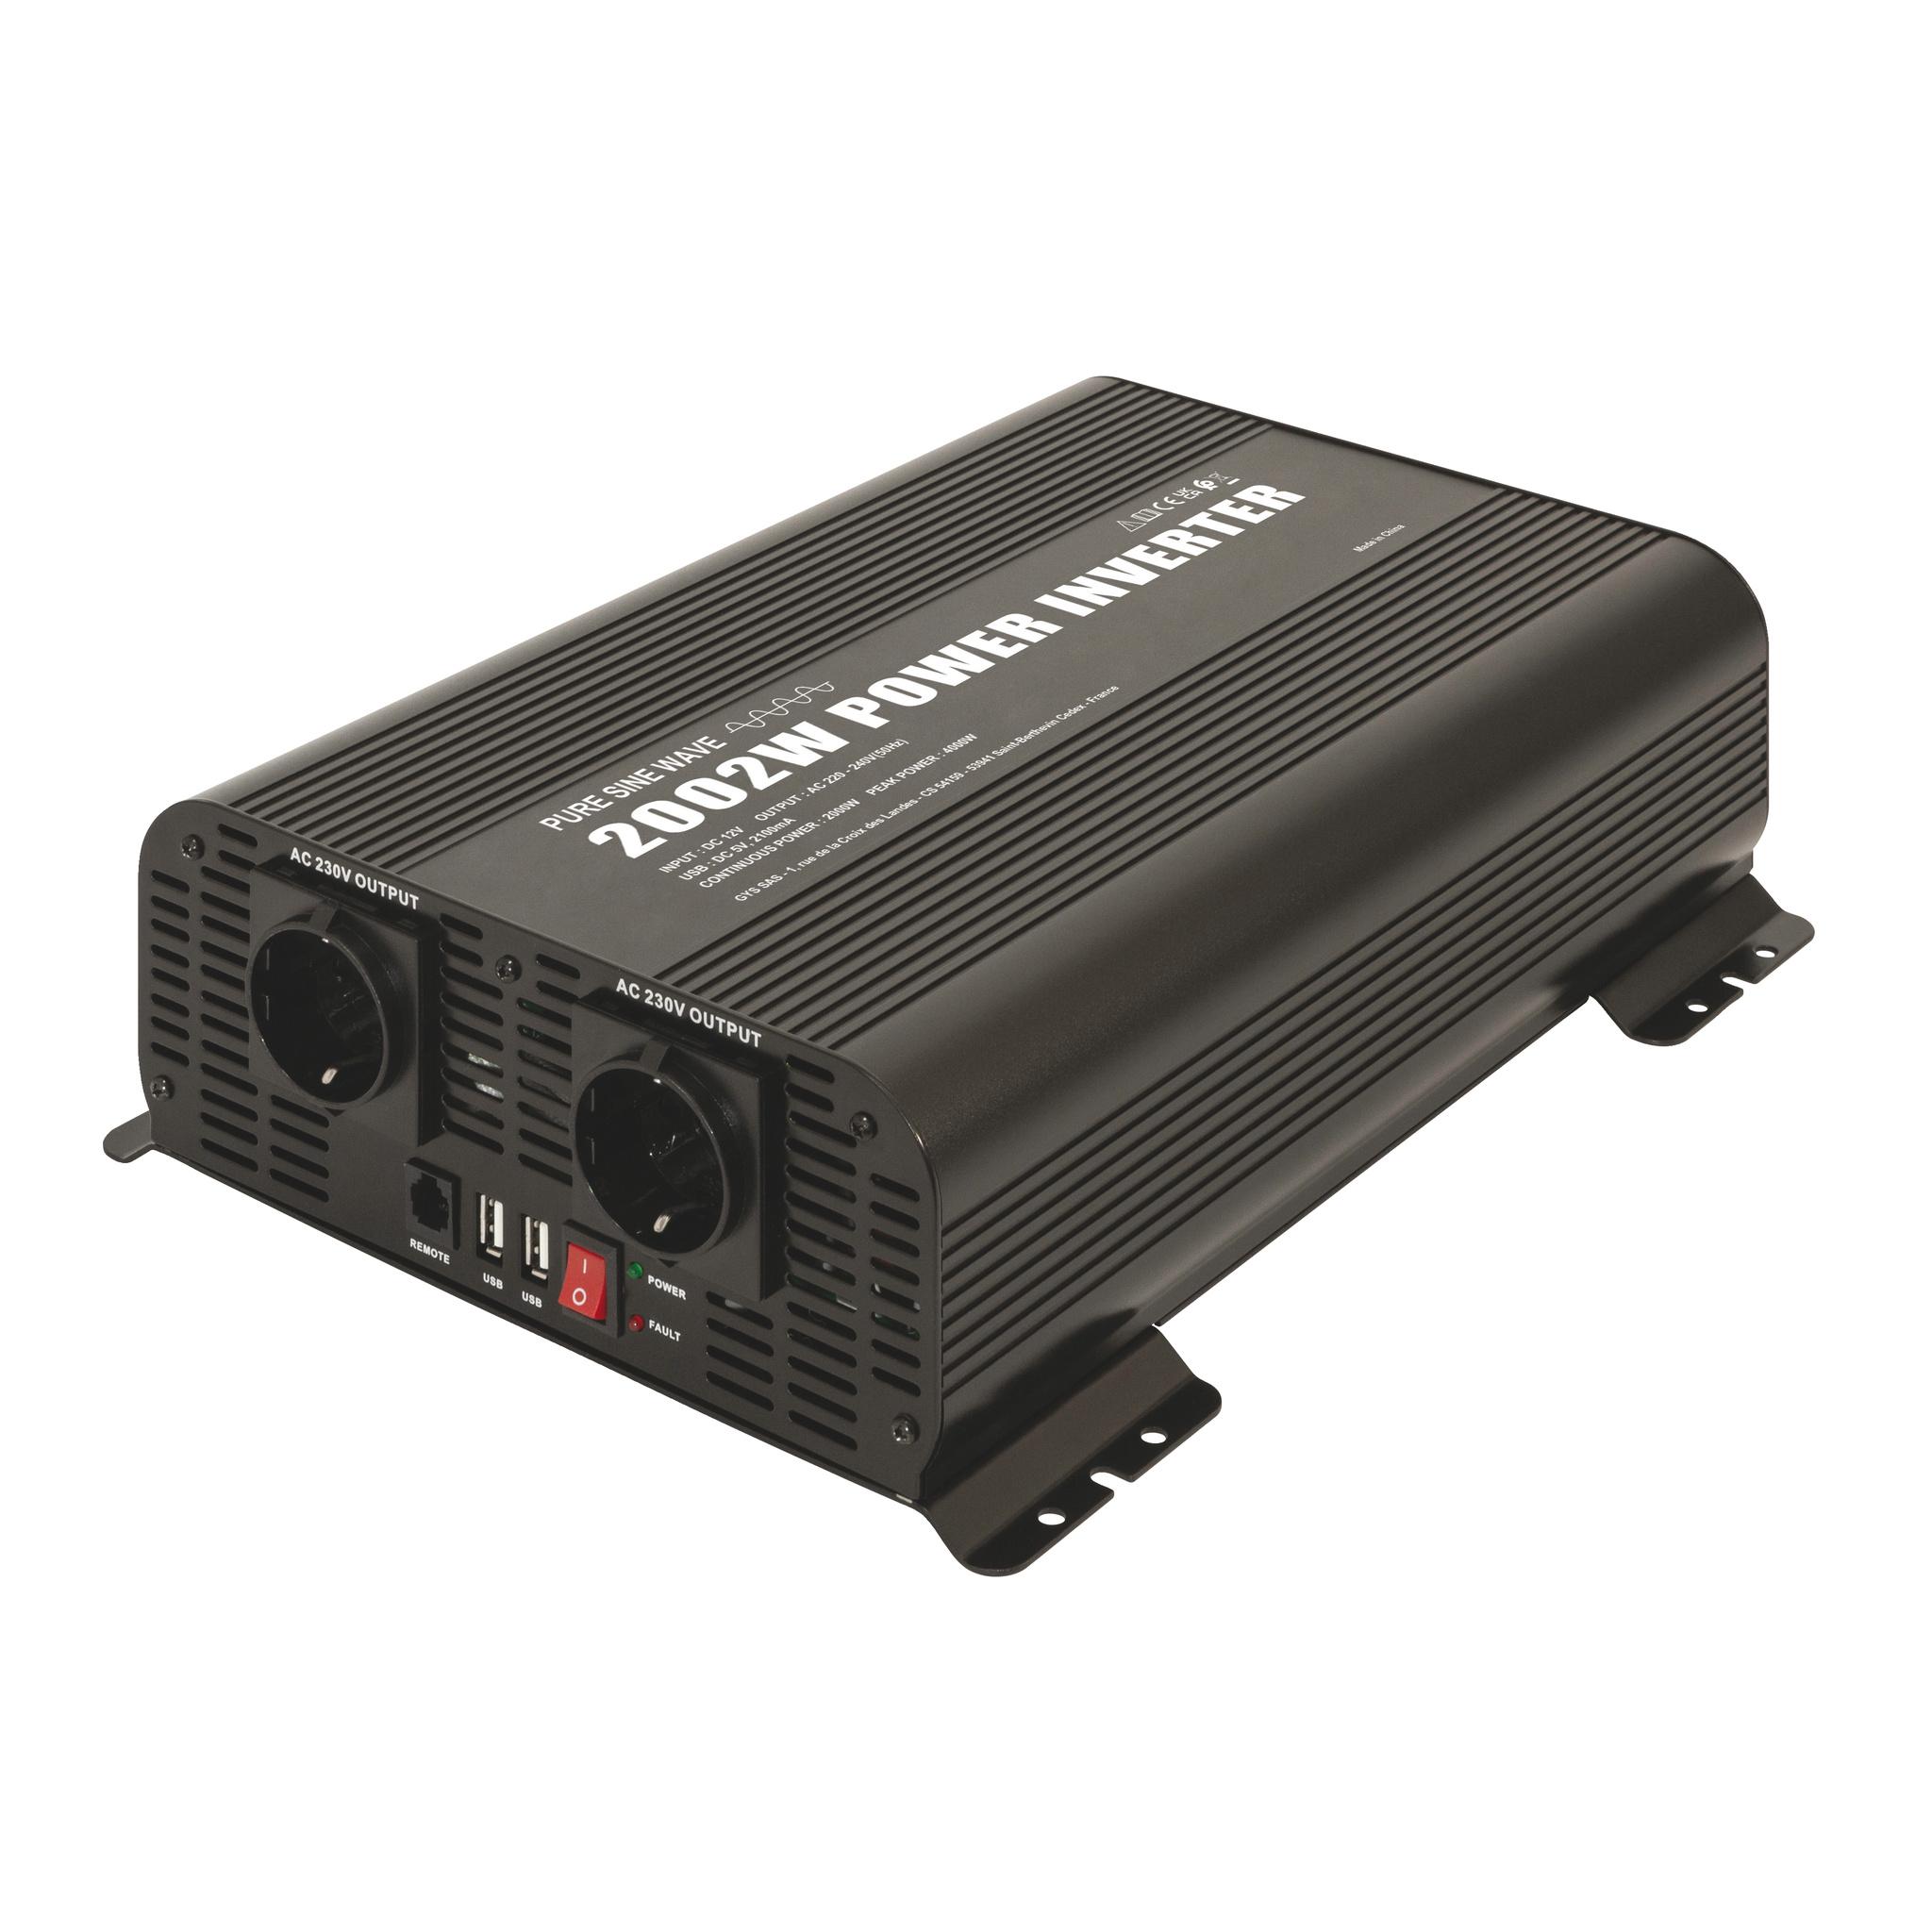 Omvormer-inverter PSW 2002W 24V met remote